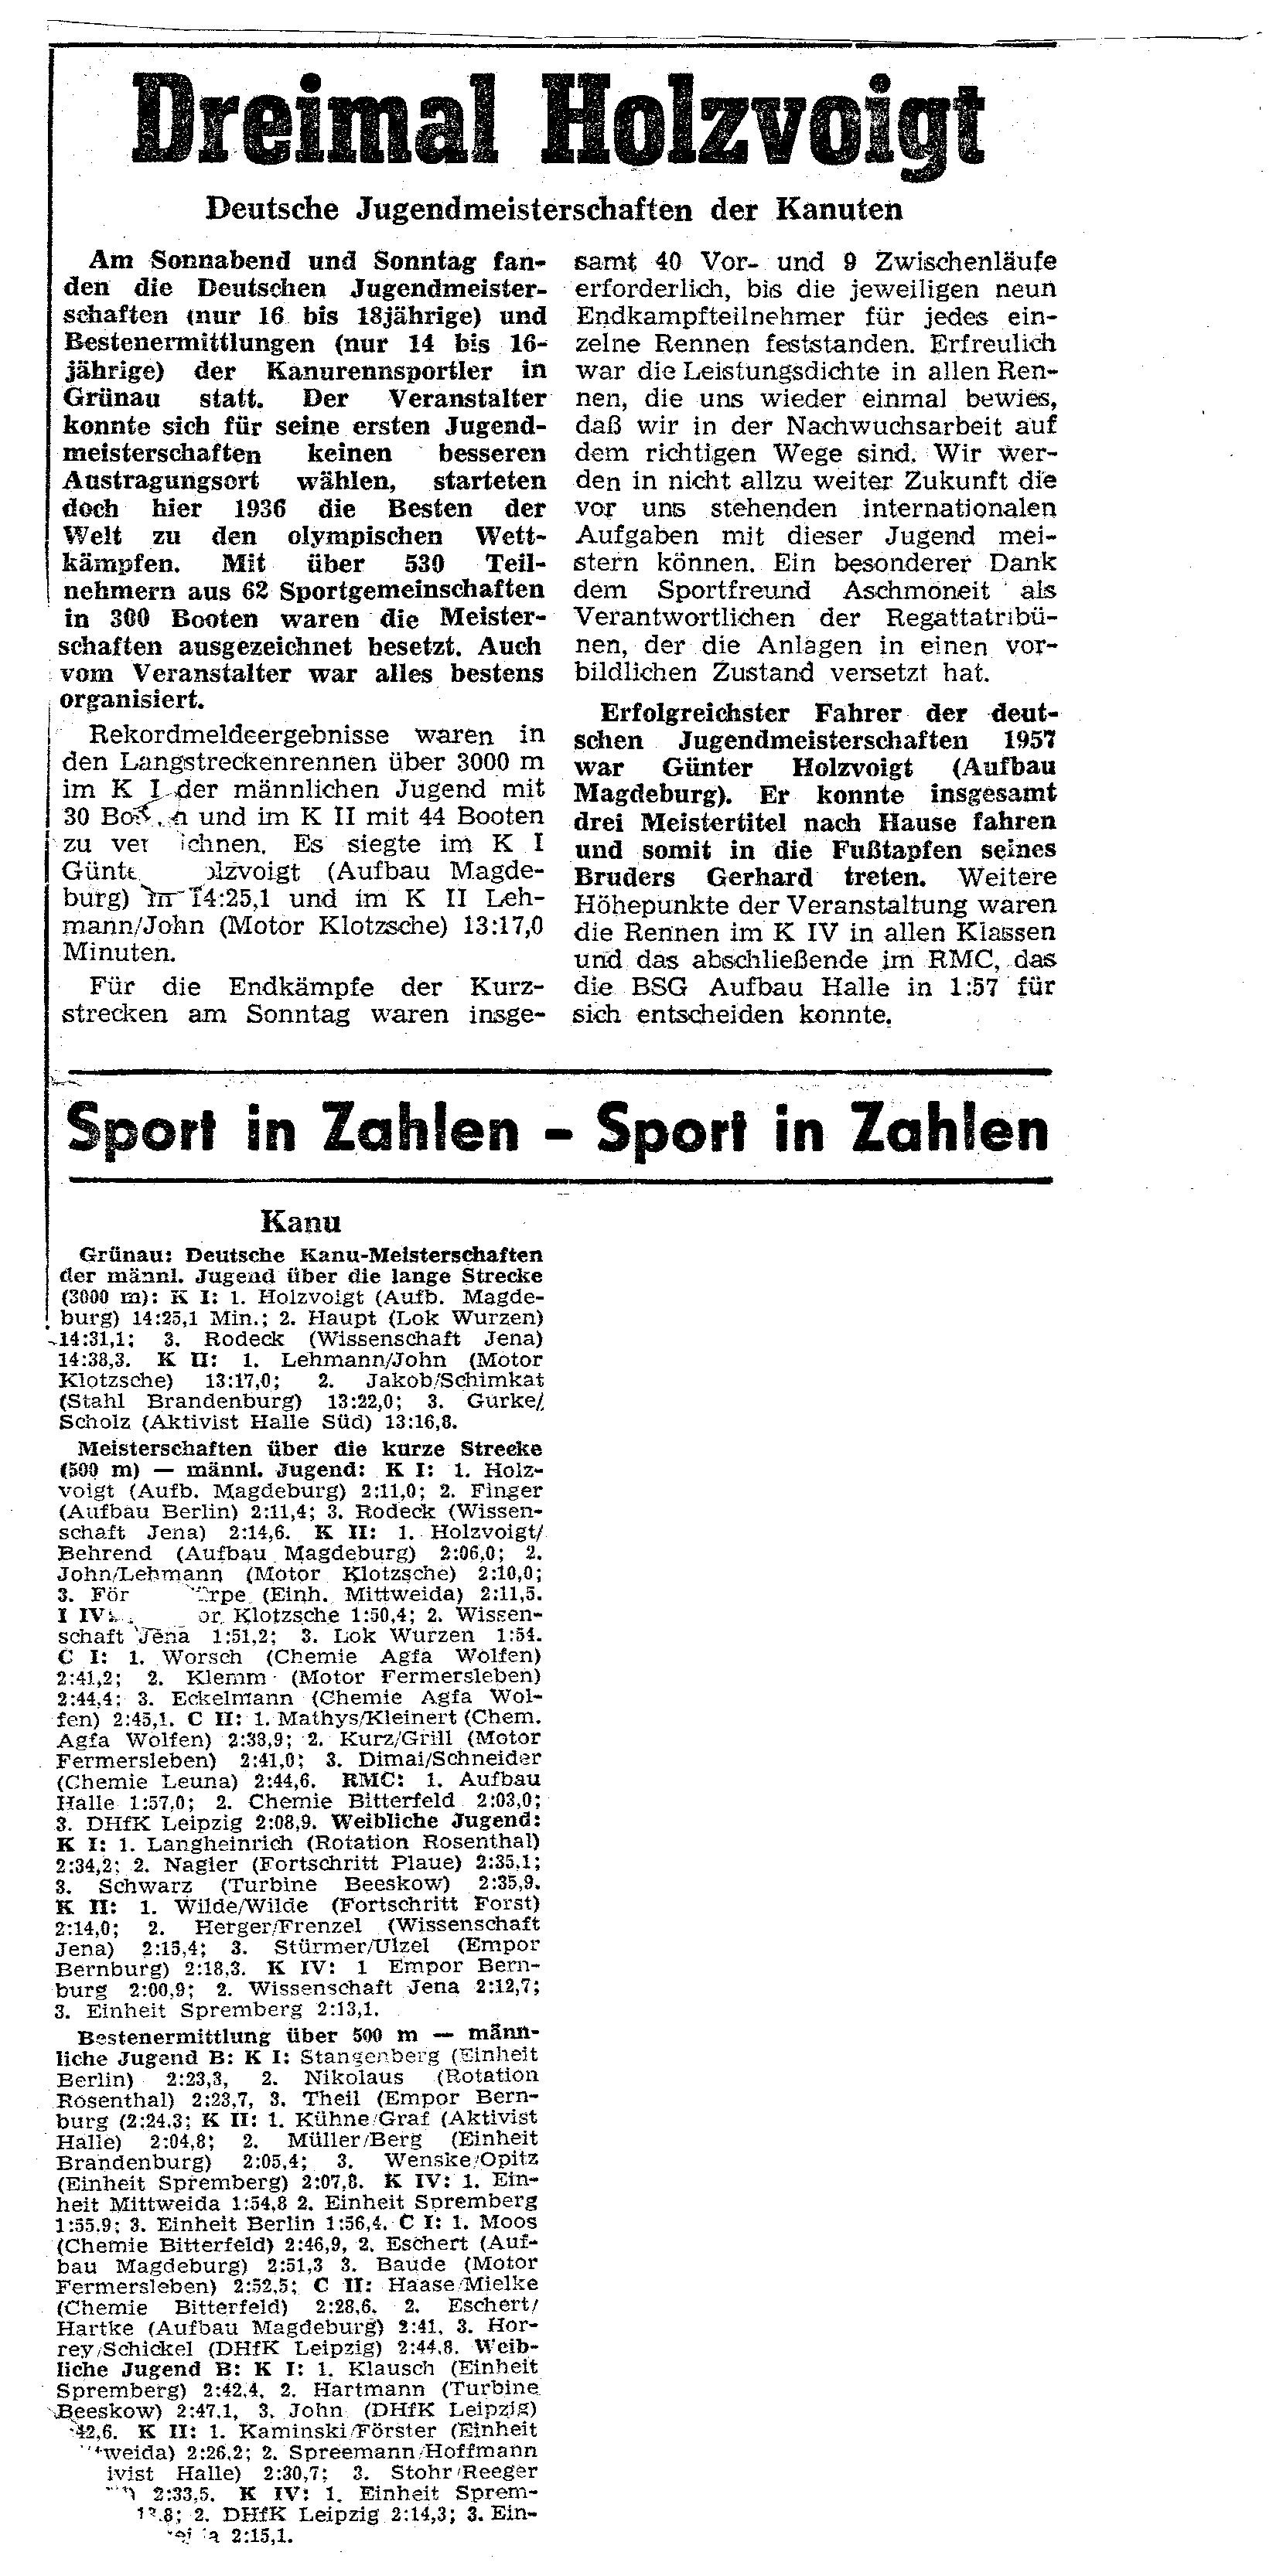 1957-07 Dreimal Holzvoigt